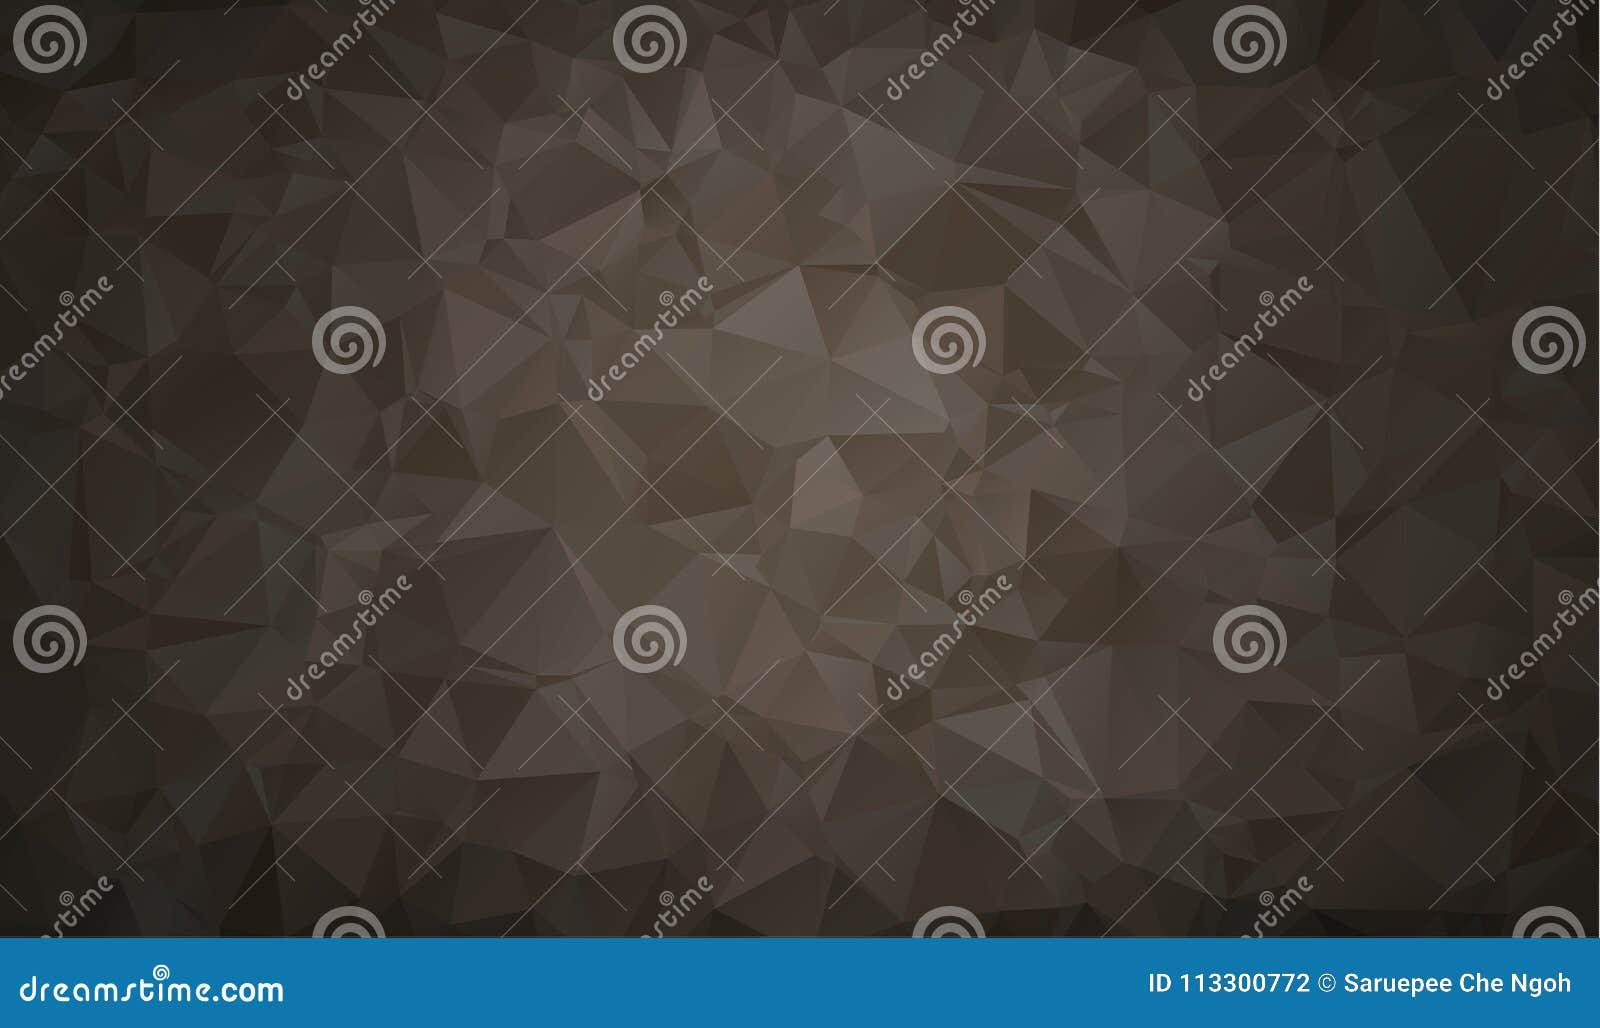 De vectorachtergrond van de Veelhoek Abstracte moderne Veelhoekige Geometrische Driehoek Zwarte Geometrische Driehoeksachtergrond